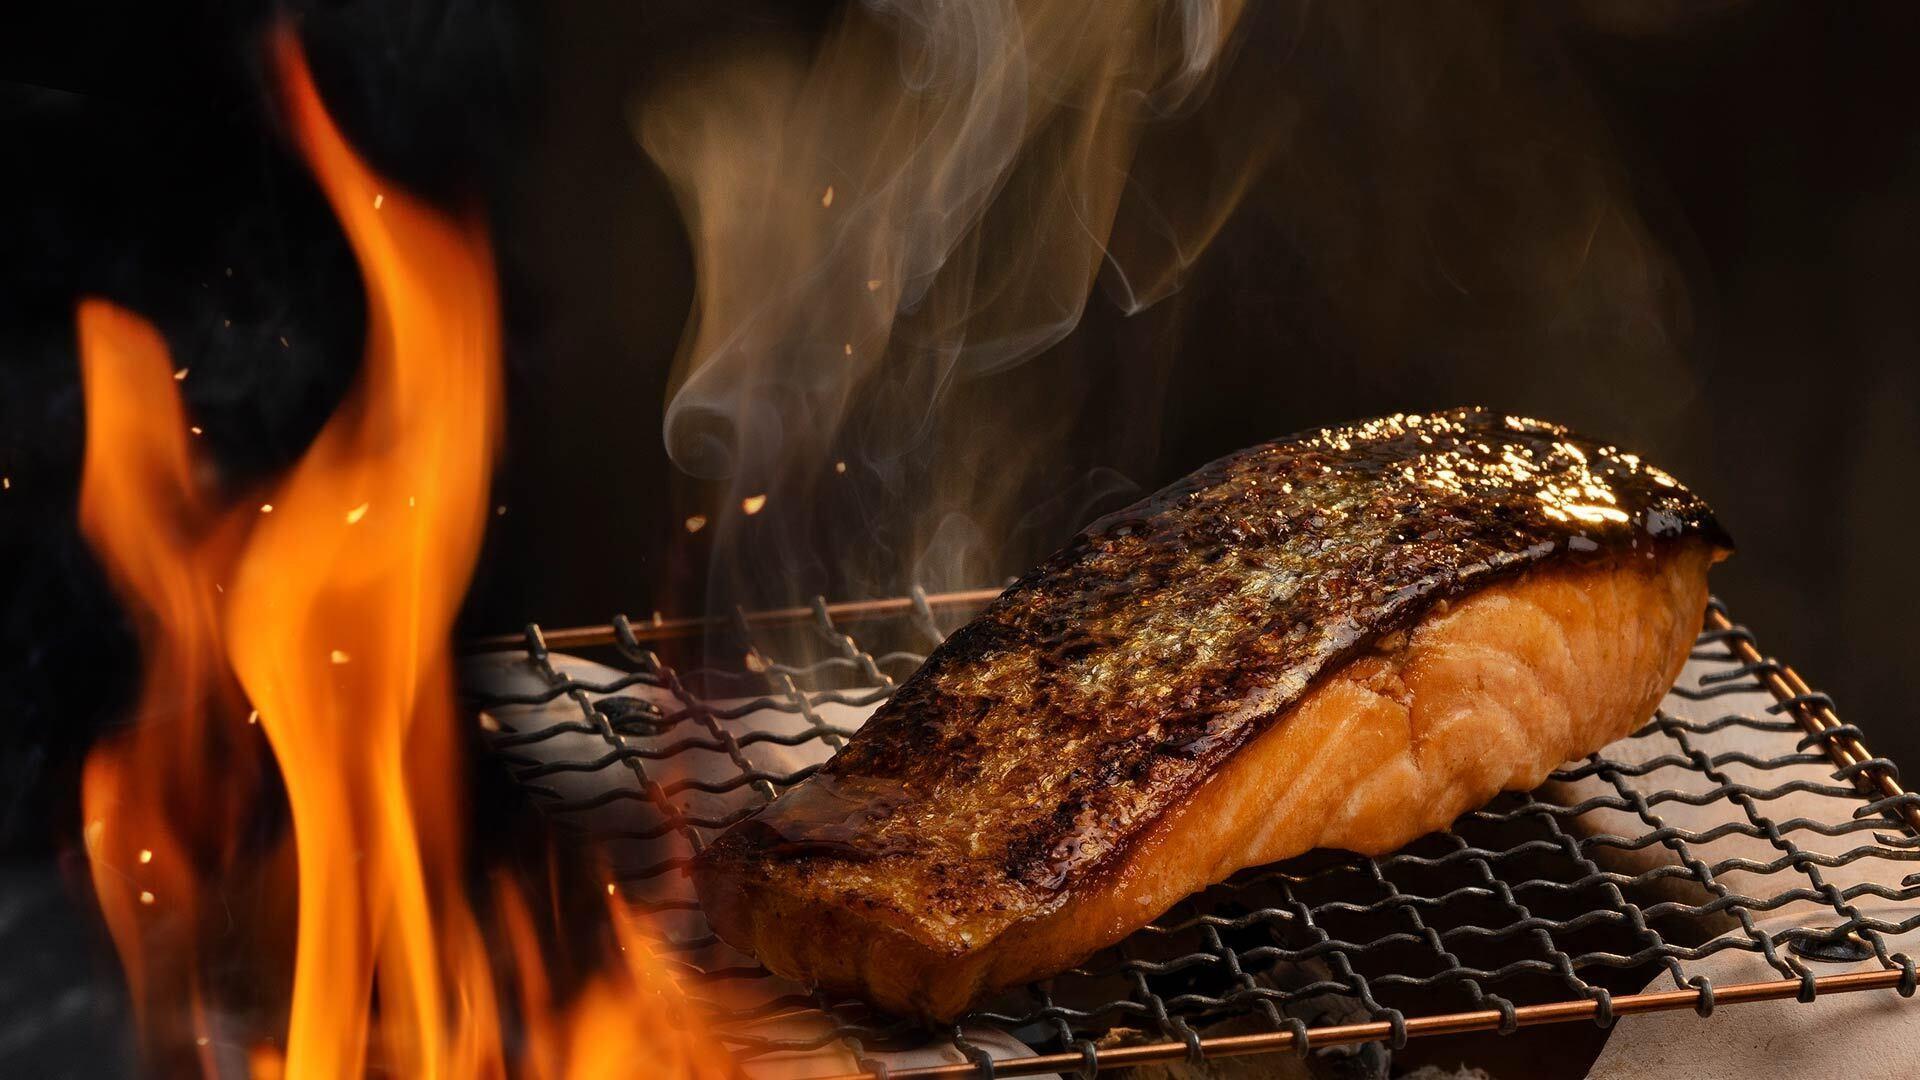 Kesä ja grillaus sivun herokuva, lohifileepala grillissä